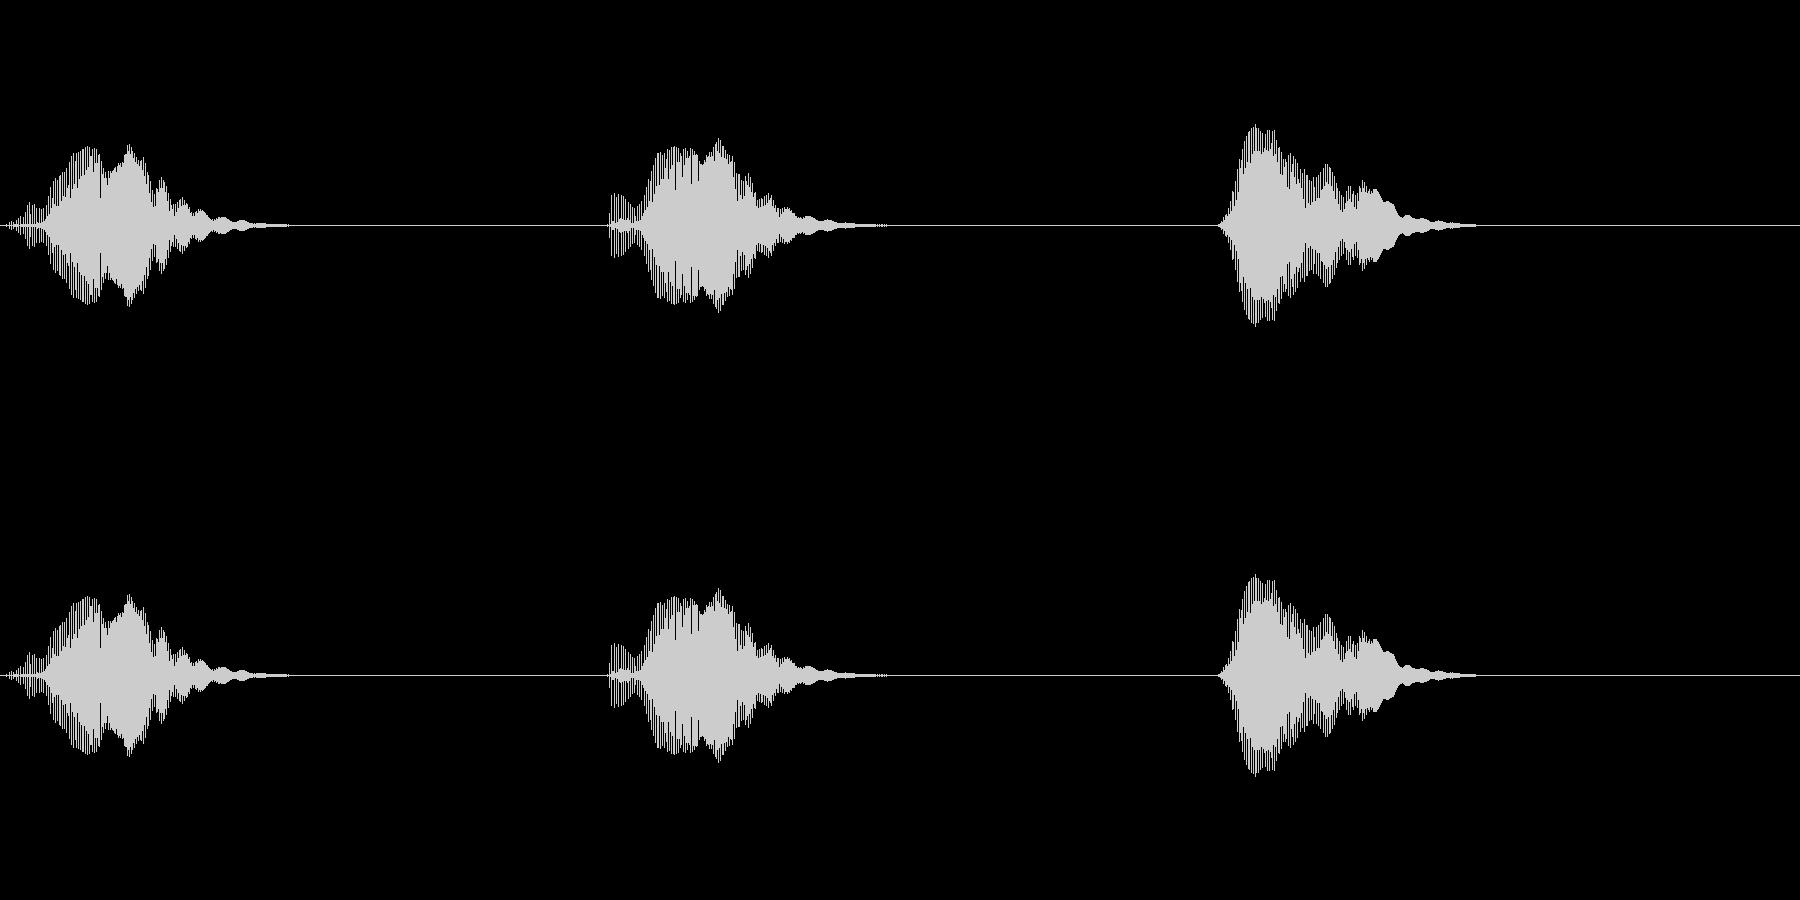 スリートゥーワン(ロボ声)の未再生の波形